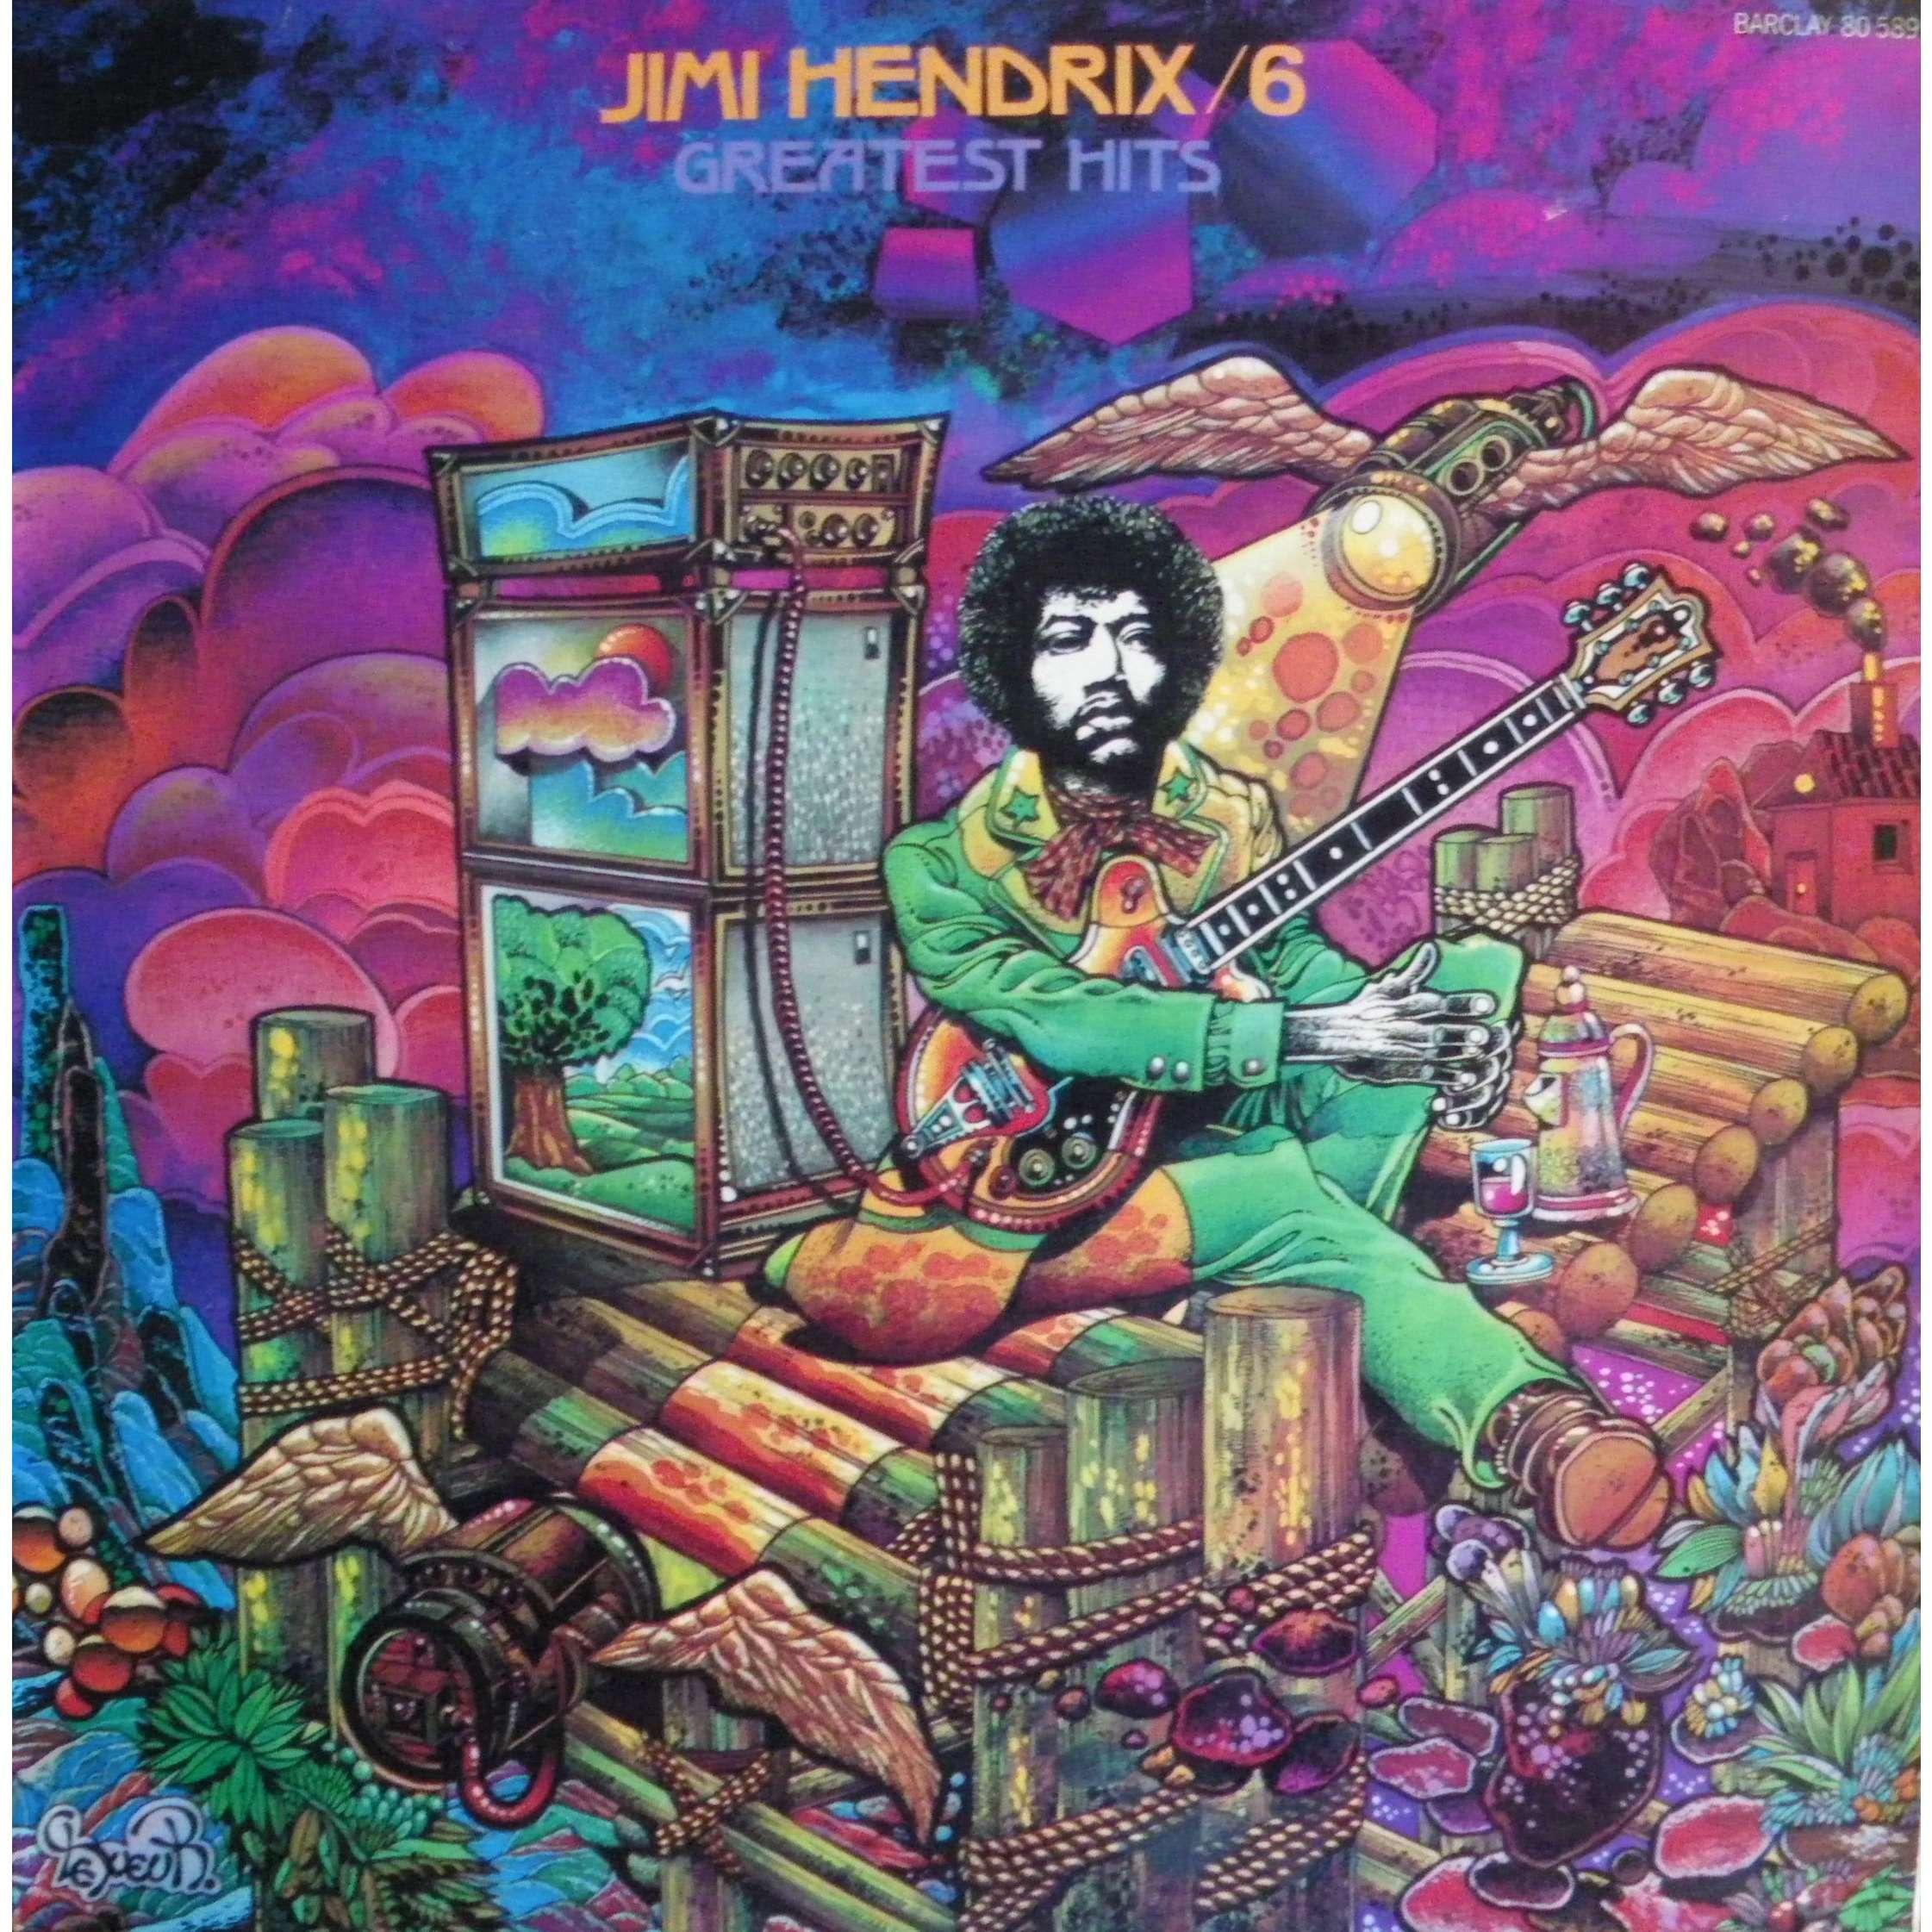 JIMI HENDRIX greatest hits n°6